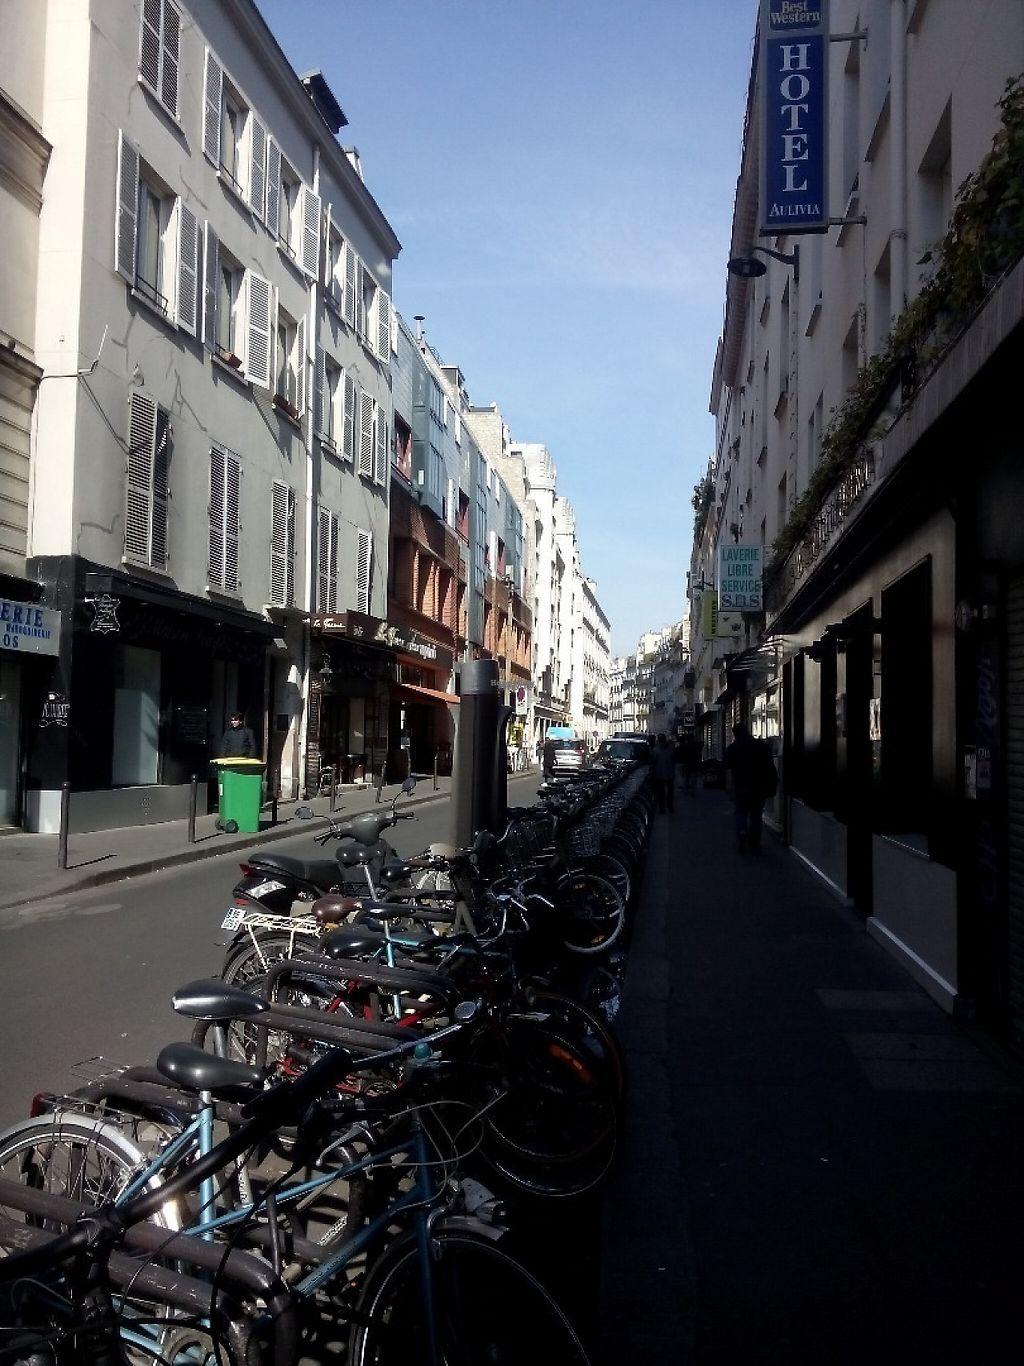 """Photo of Chambres de la Grande Porte  by <a href=""""/members/profile/markostova"""">markostova</a> <br/>surrounding area in 10th arrodisement <br/> April 22, 2017  - <a href='/contact/abuse/image/55297/251014'>Report</a>"""